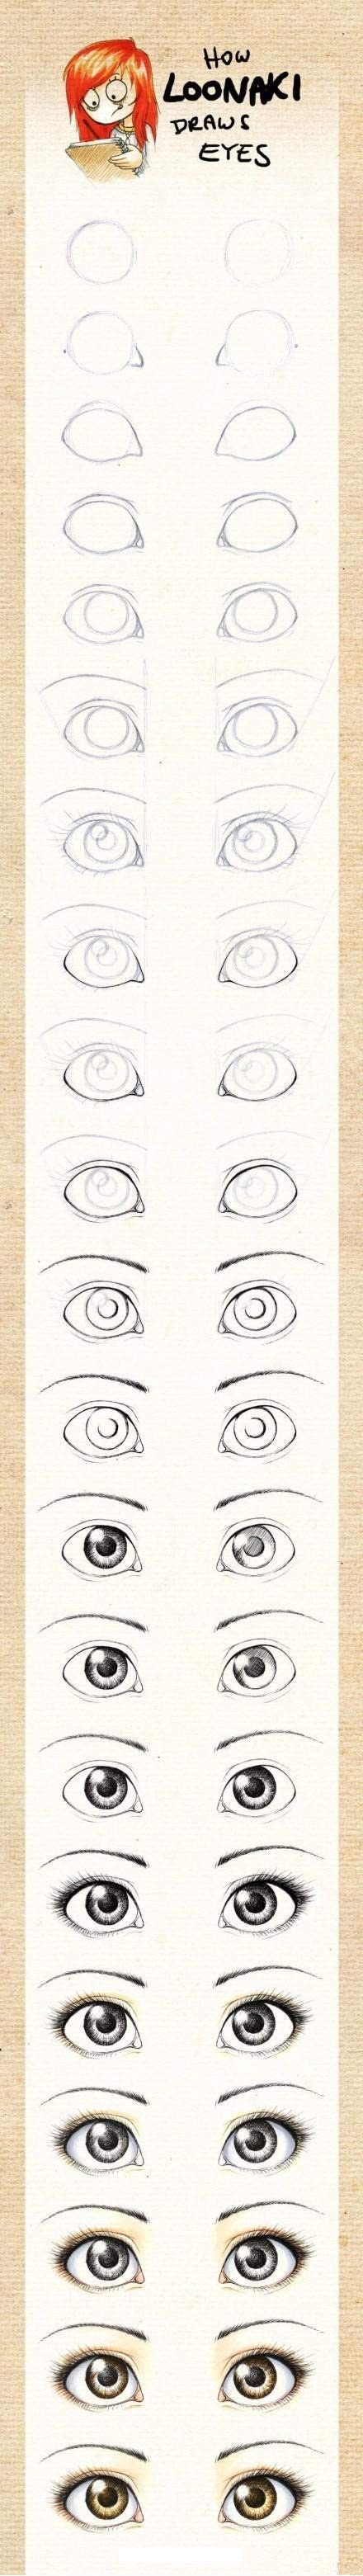 Dessin yeux - Étapes par etapes